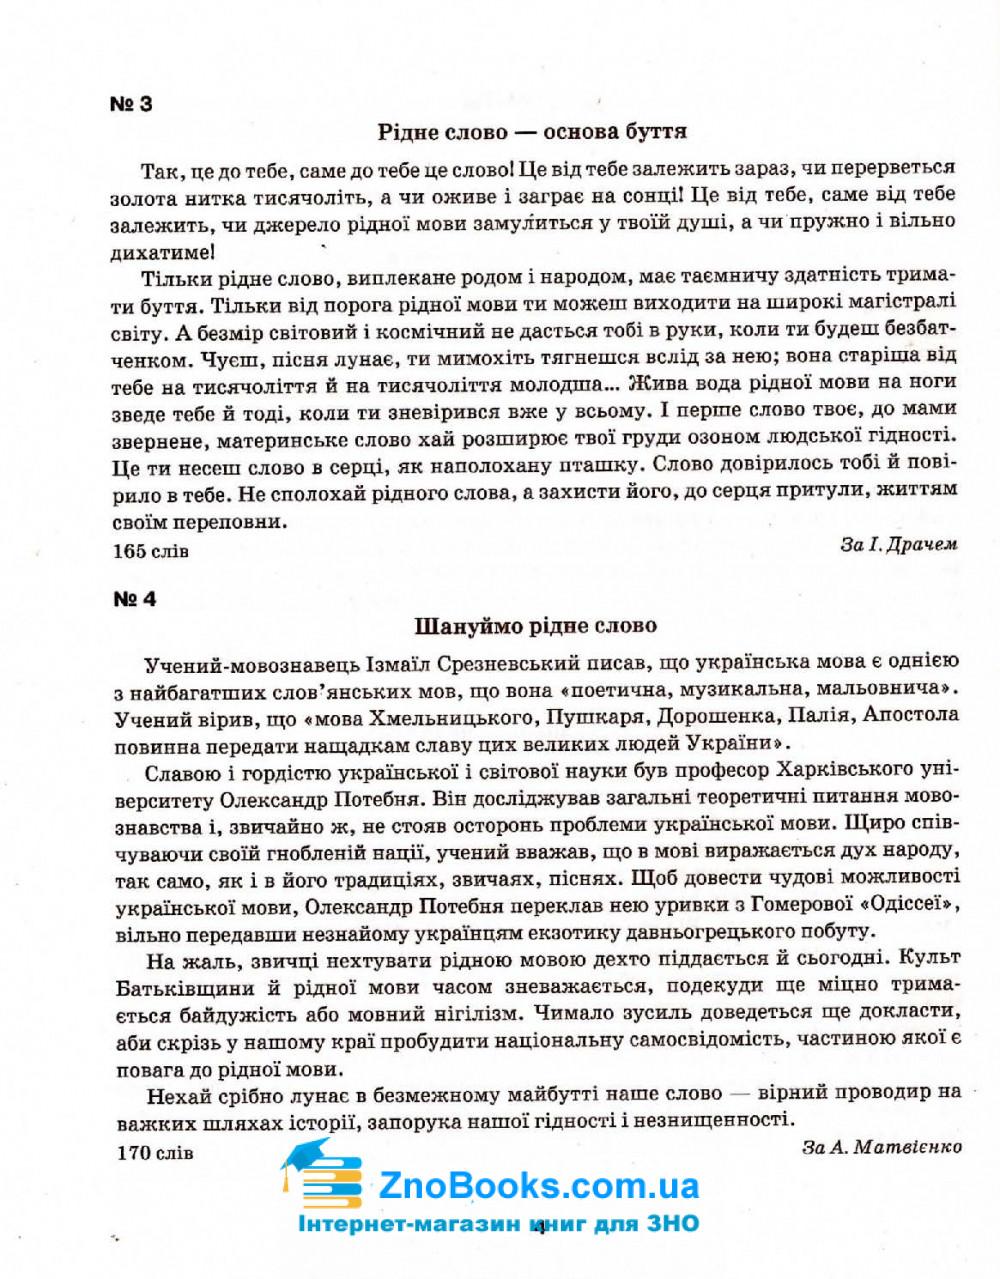 ДПА 2020 Українська мова (Єременко) 9 клас. Збірник диктантів для ДПА. Освіта купити 5